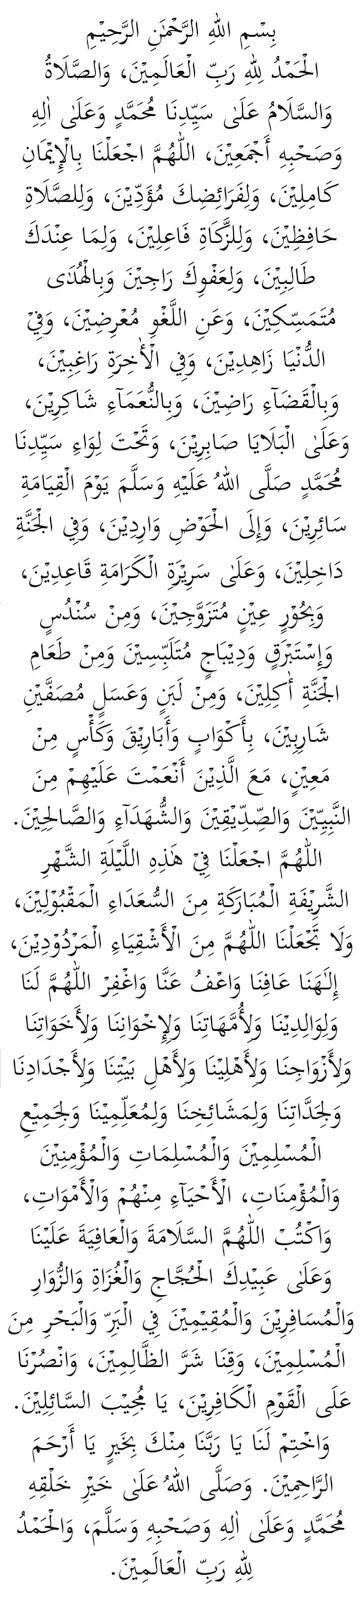 Doa Selepas Solat Terawih